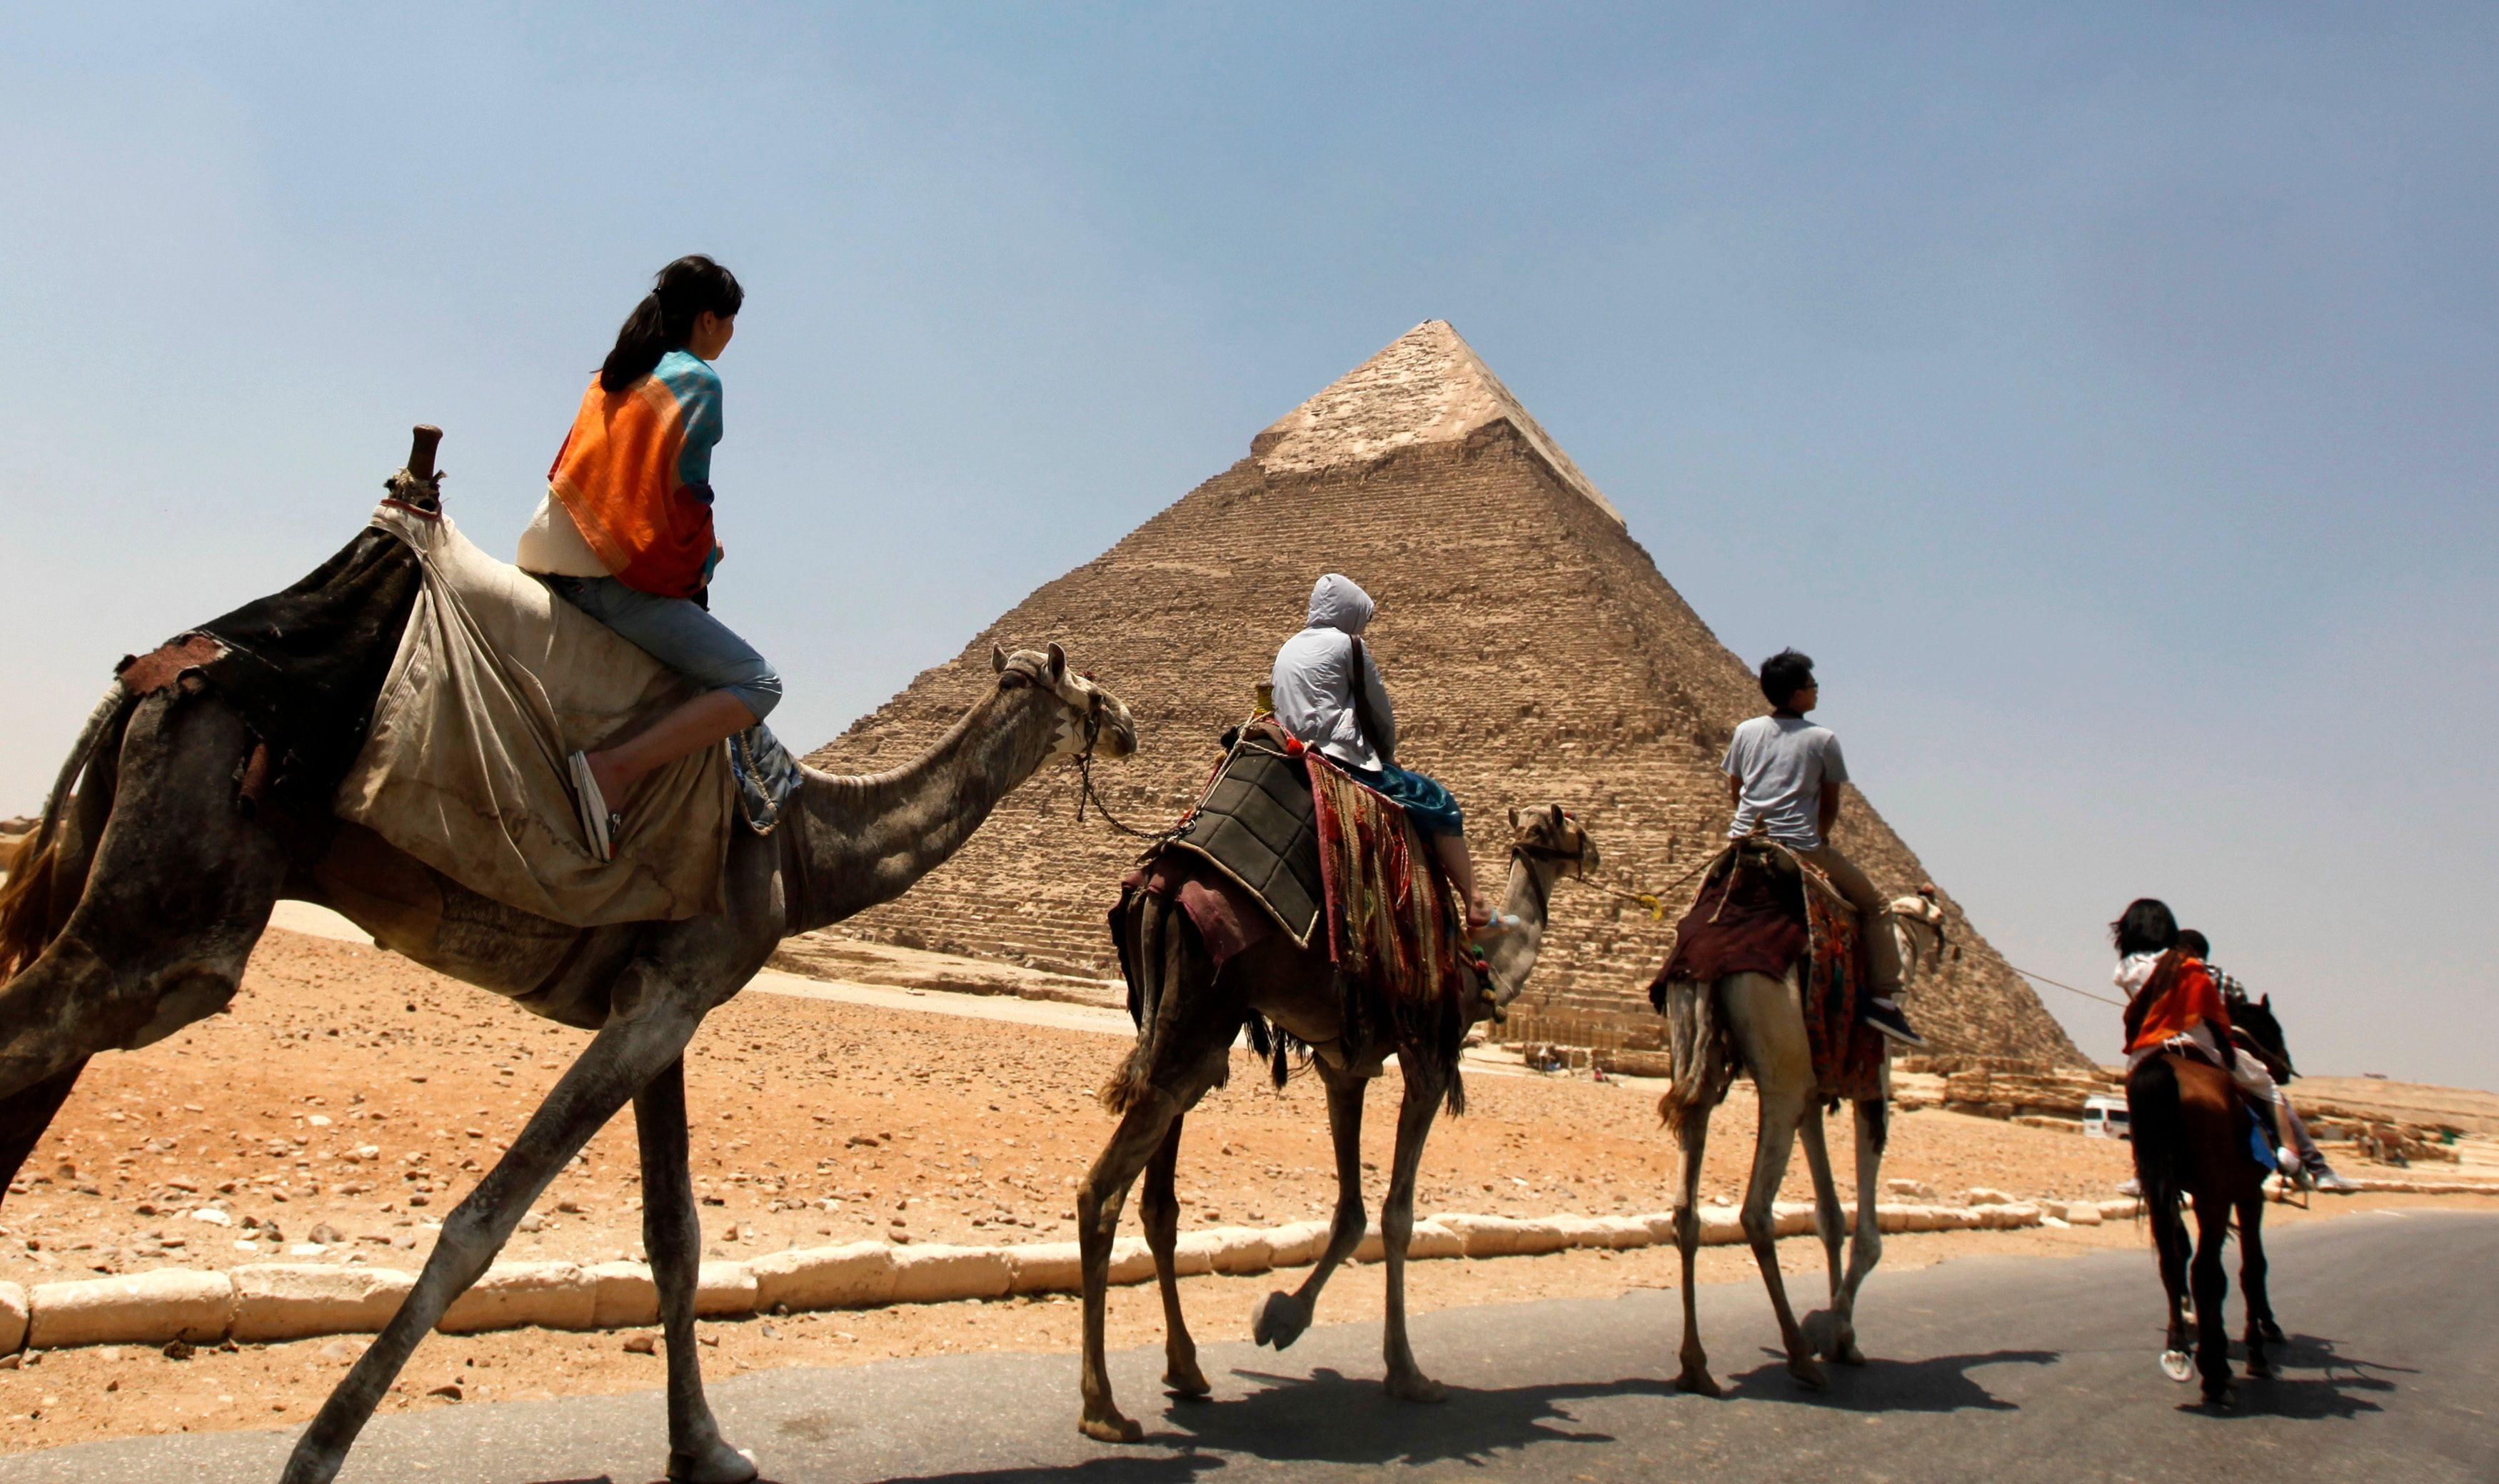 Le tourisme français vers l'Egypte accuse une baisse de plus de 80% par rapport aux chiffres d'il y a trois ans.